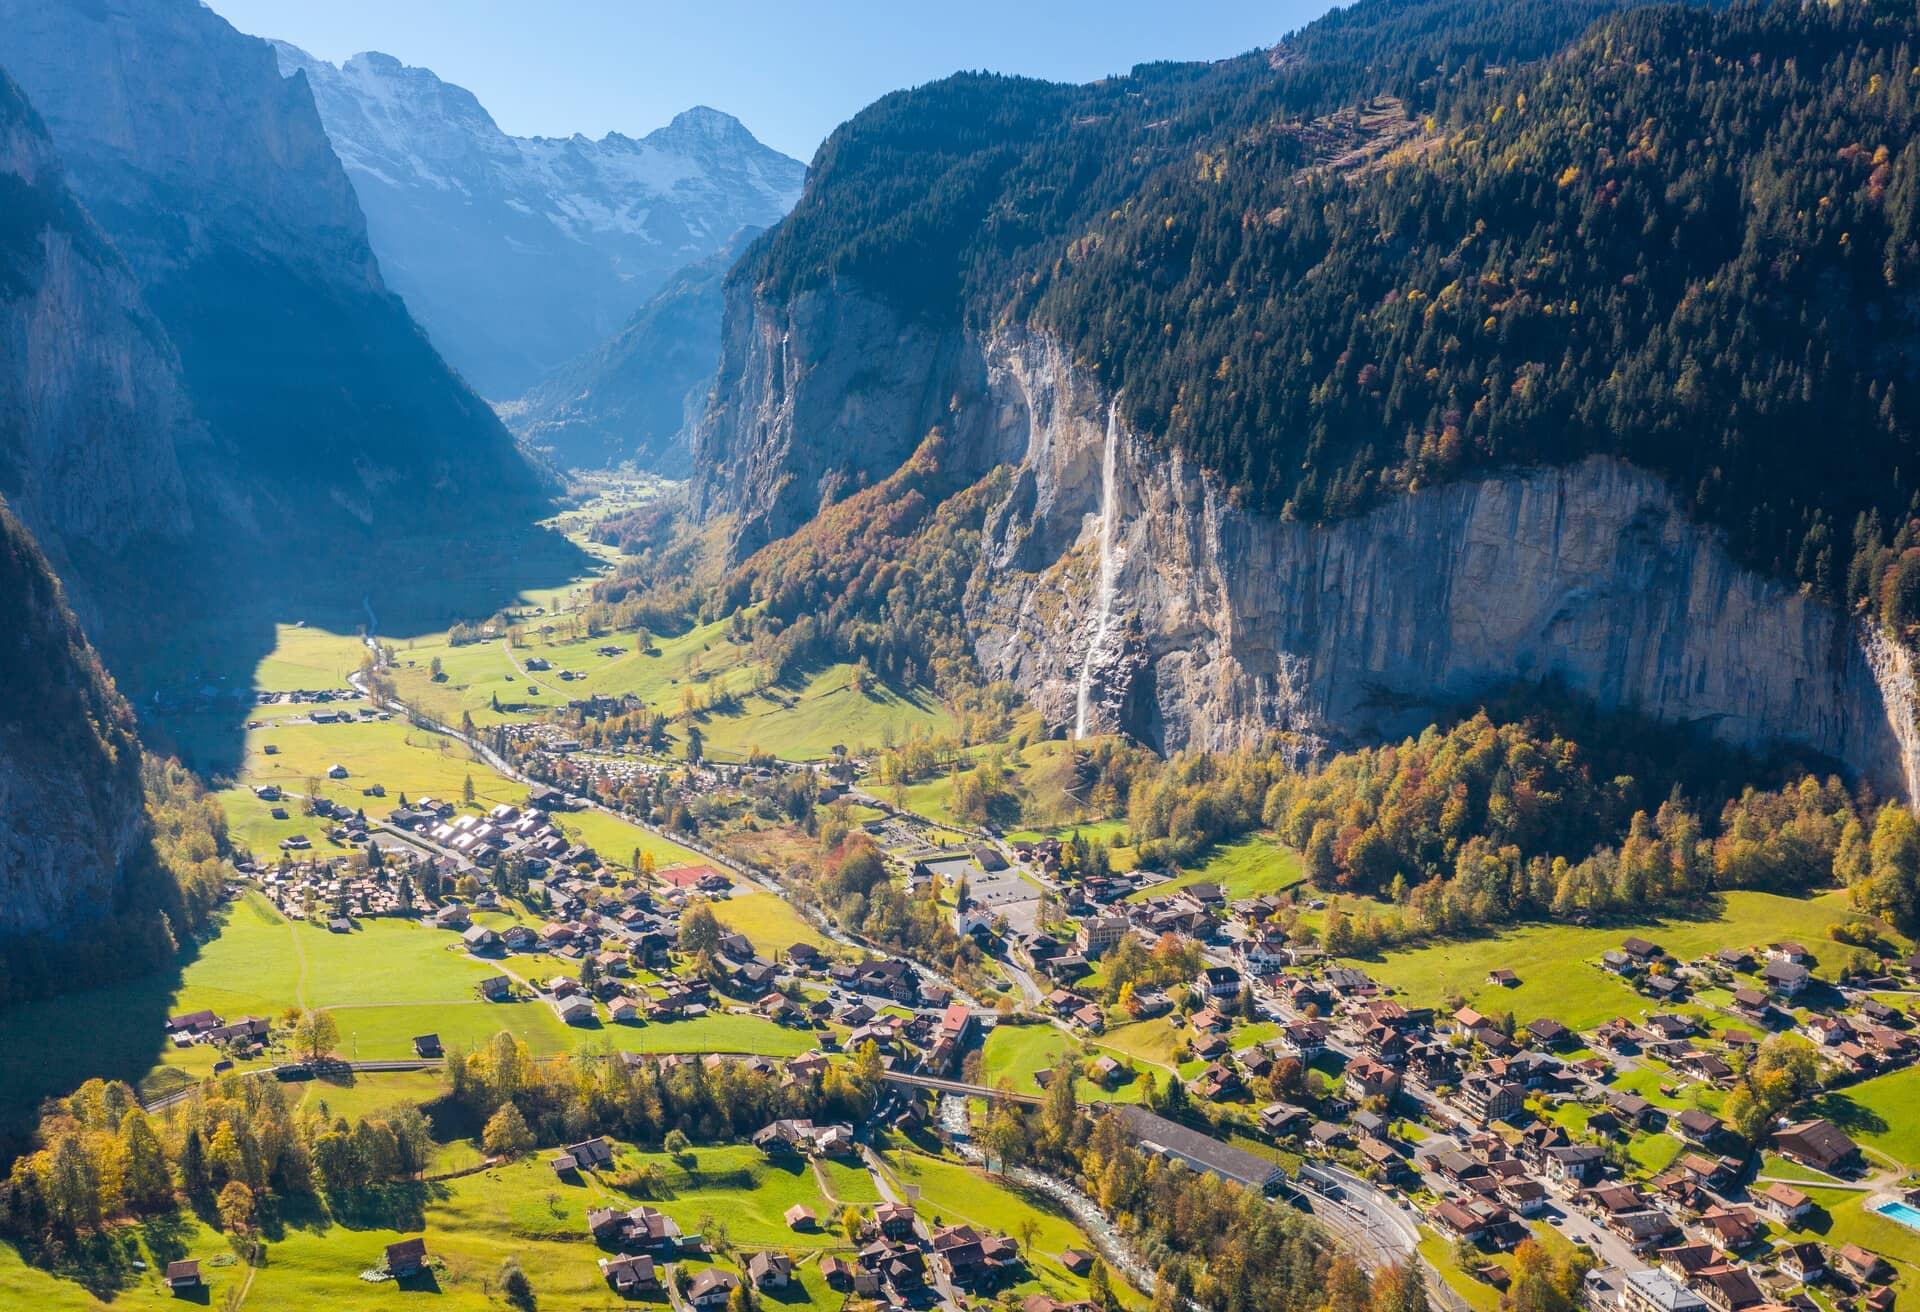 Beeindruckende Landschaft in der Schweiz.